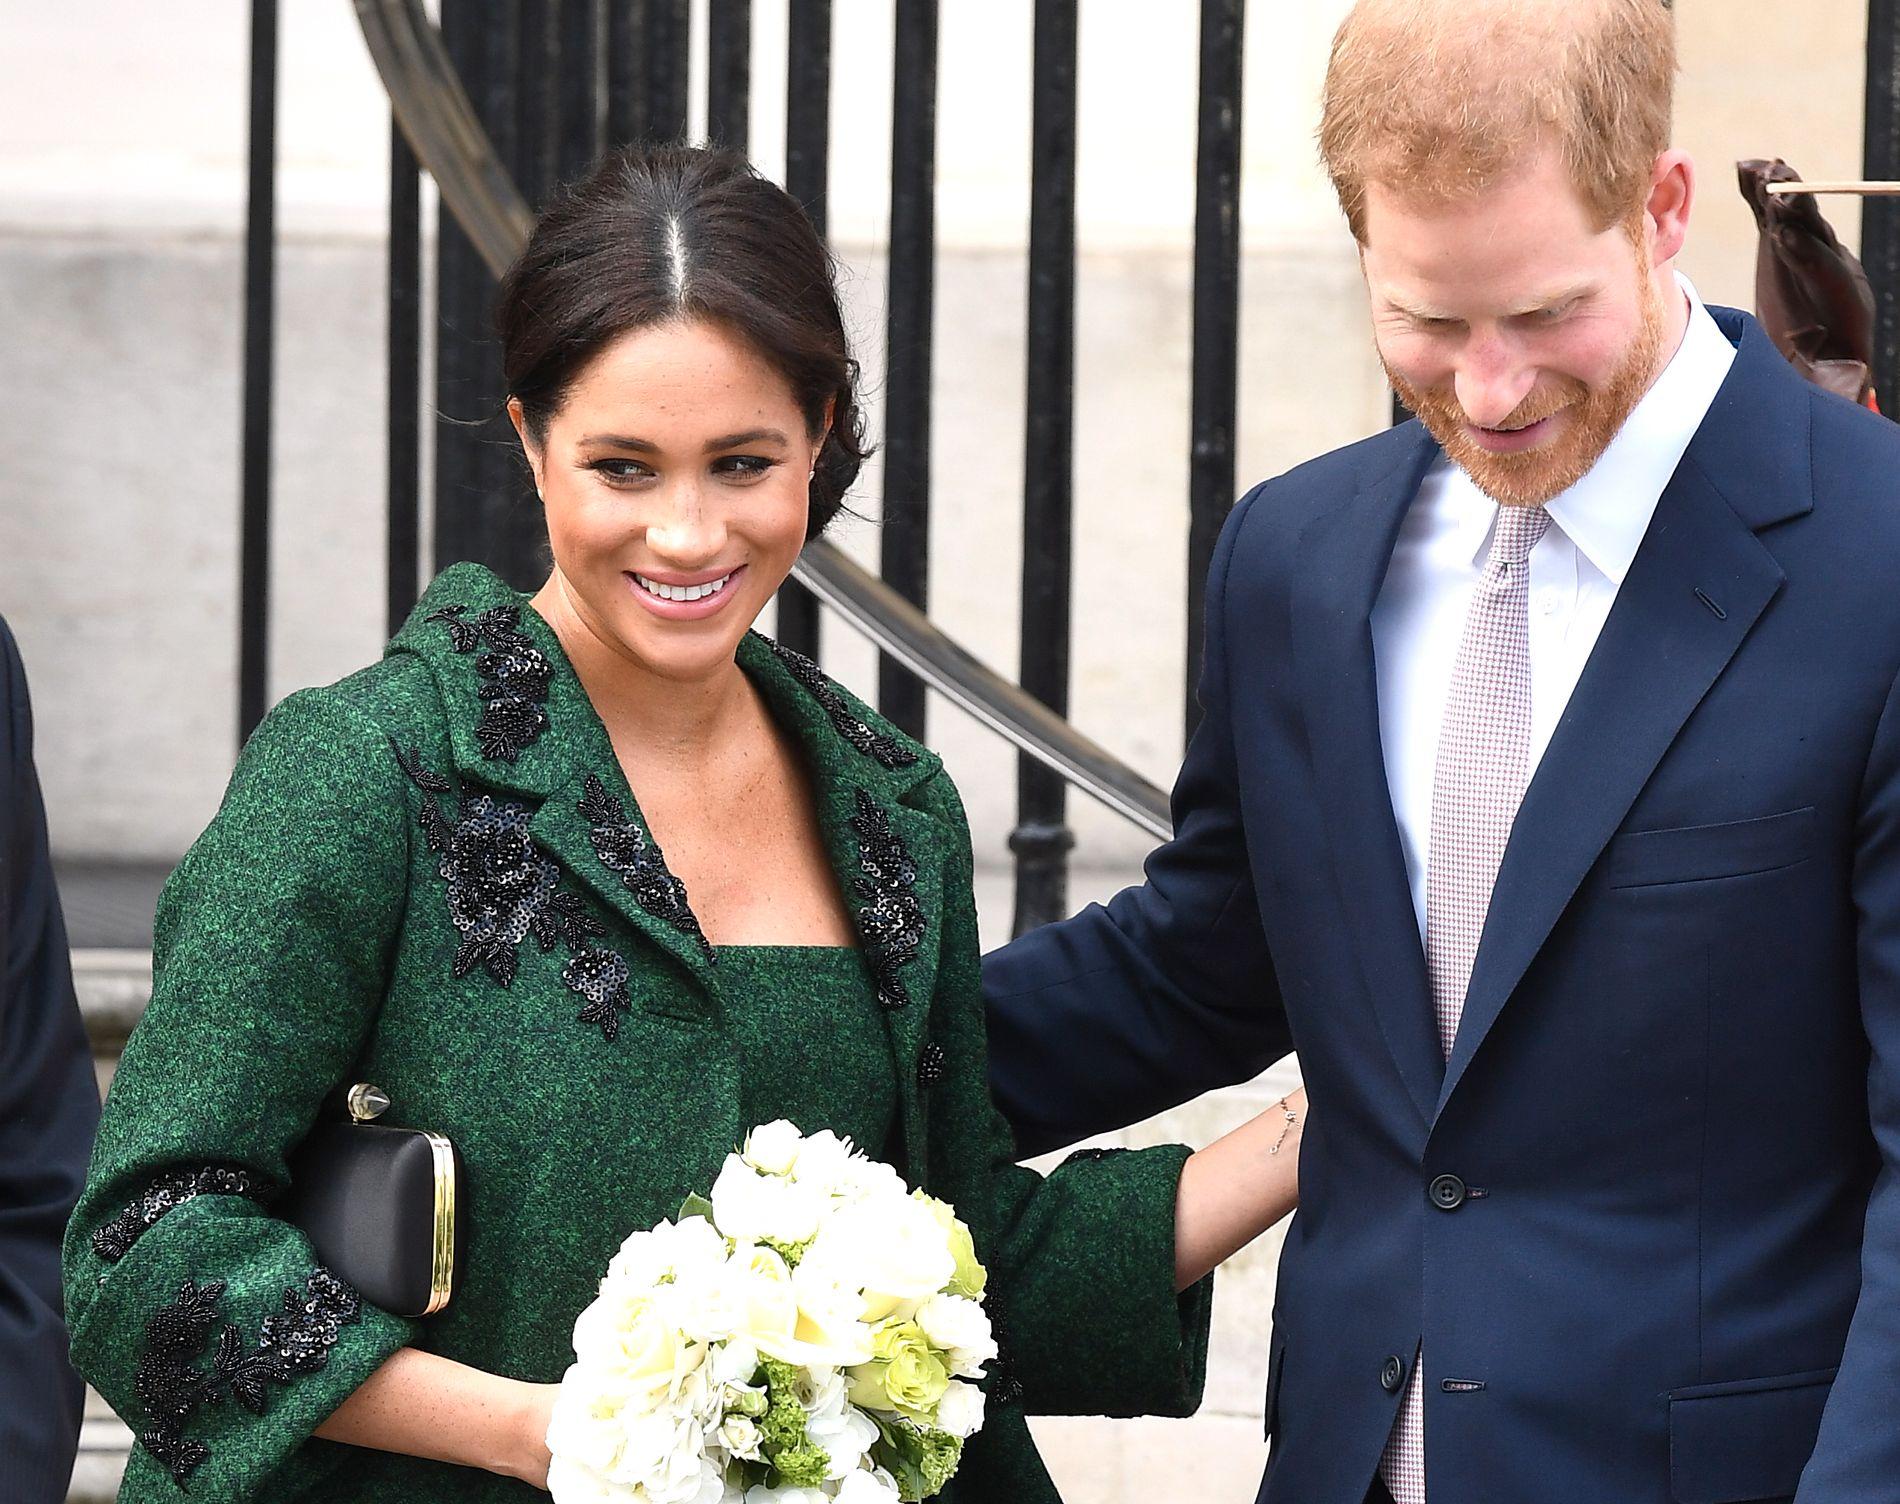 FØDEKLAR: Hertuginne Meghan under Commonwealth Service i London i mars.